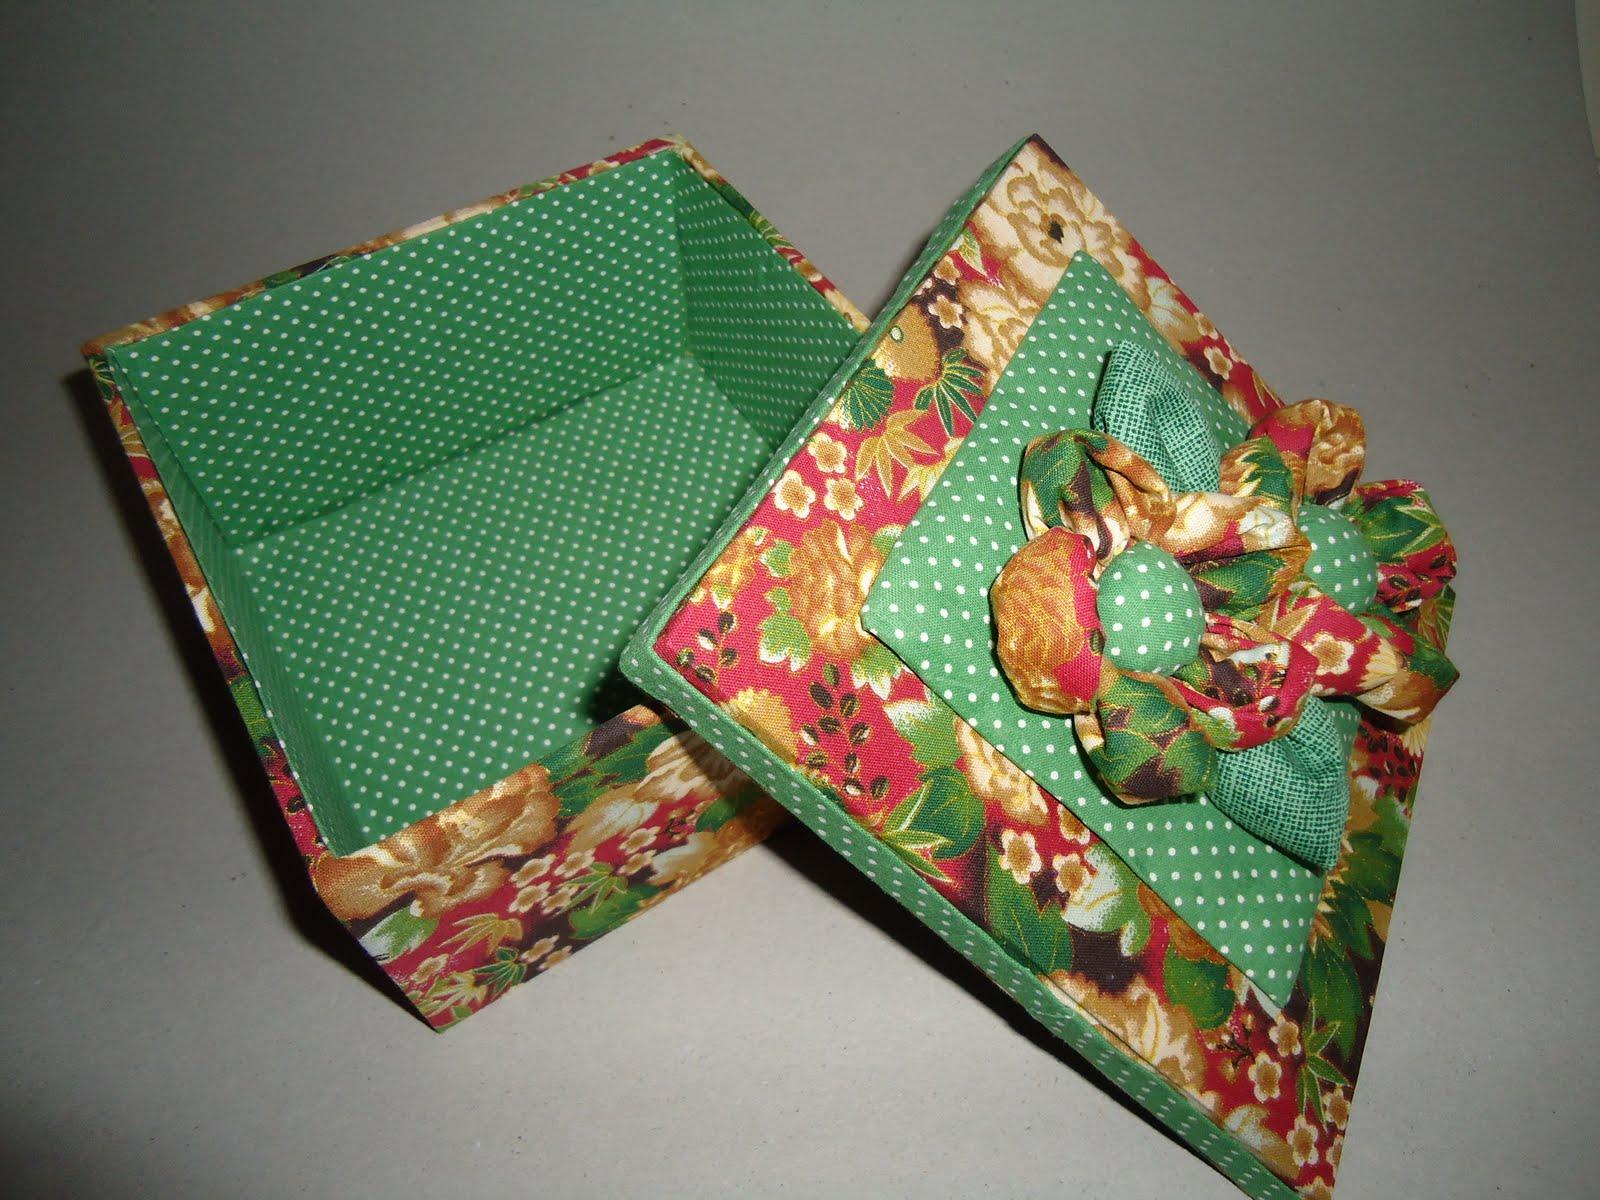 Gildett de Marillac: Caixa em MDF revestida com tecido #7D3729 1600x1200